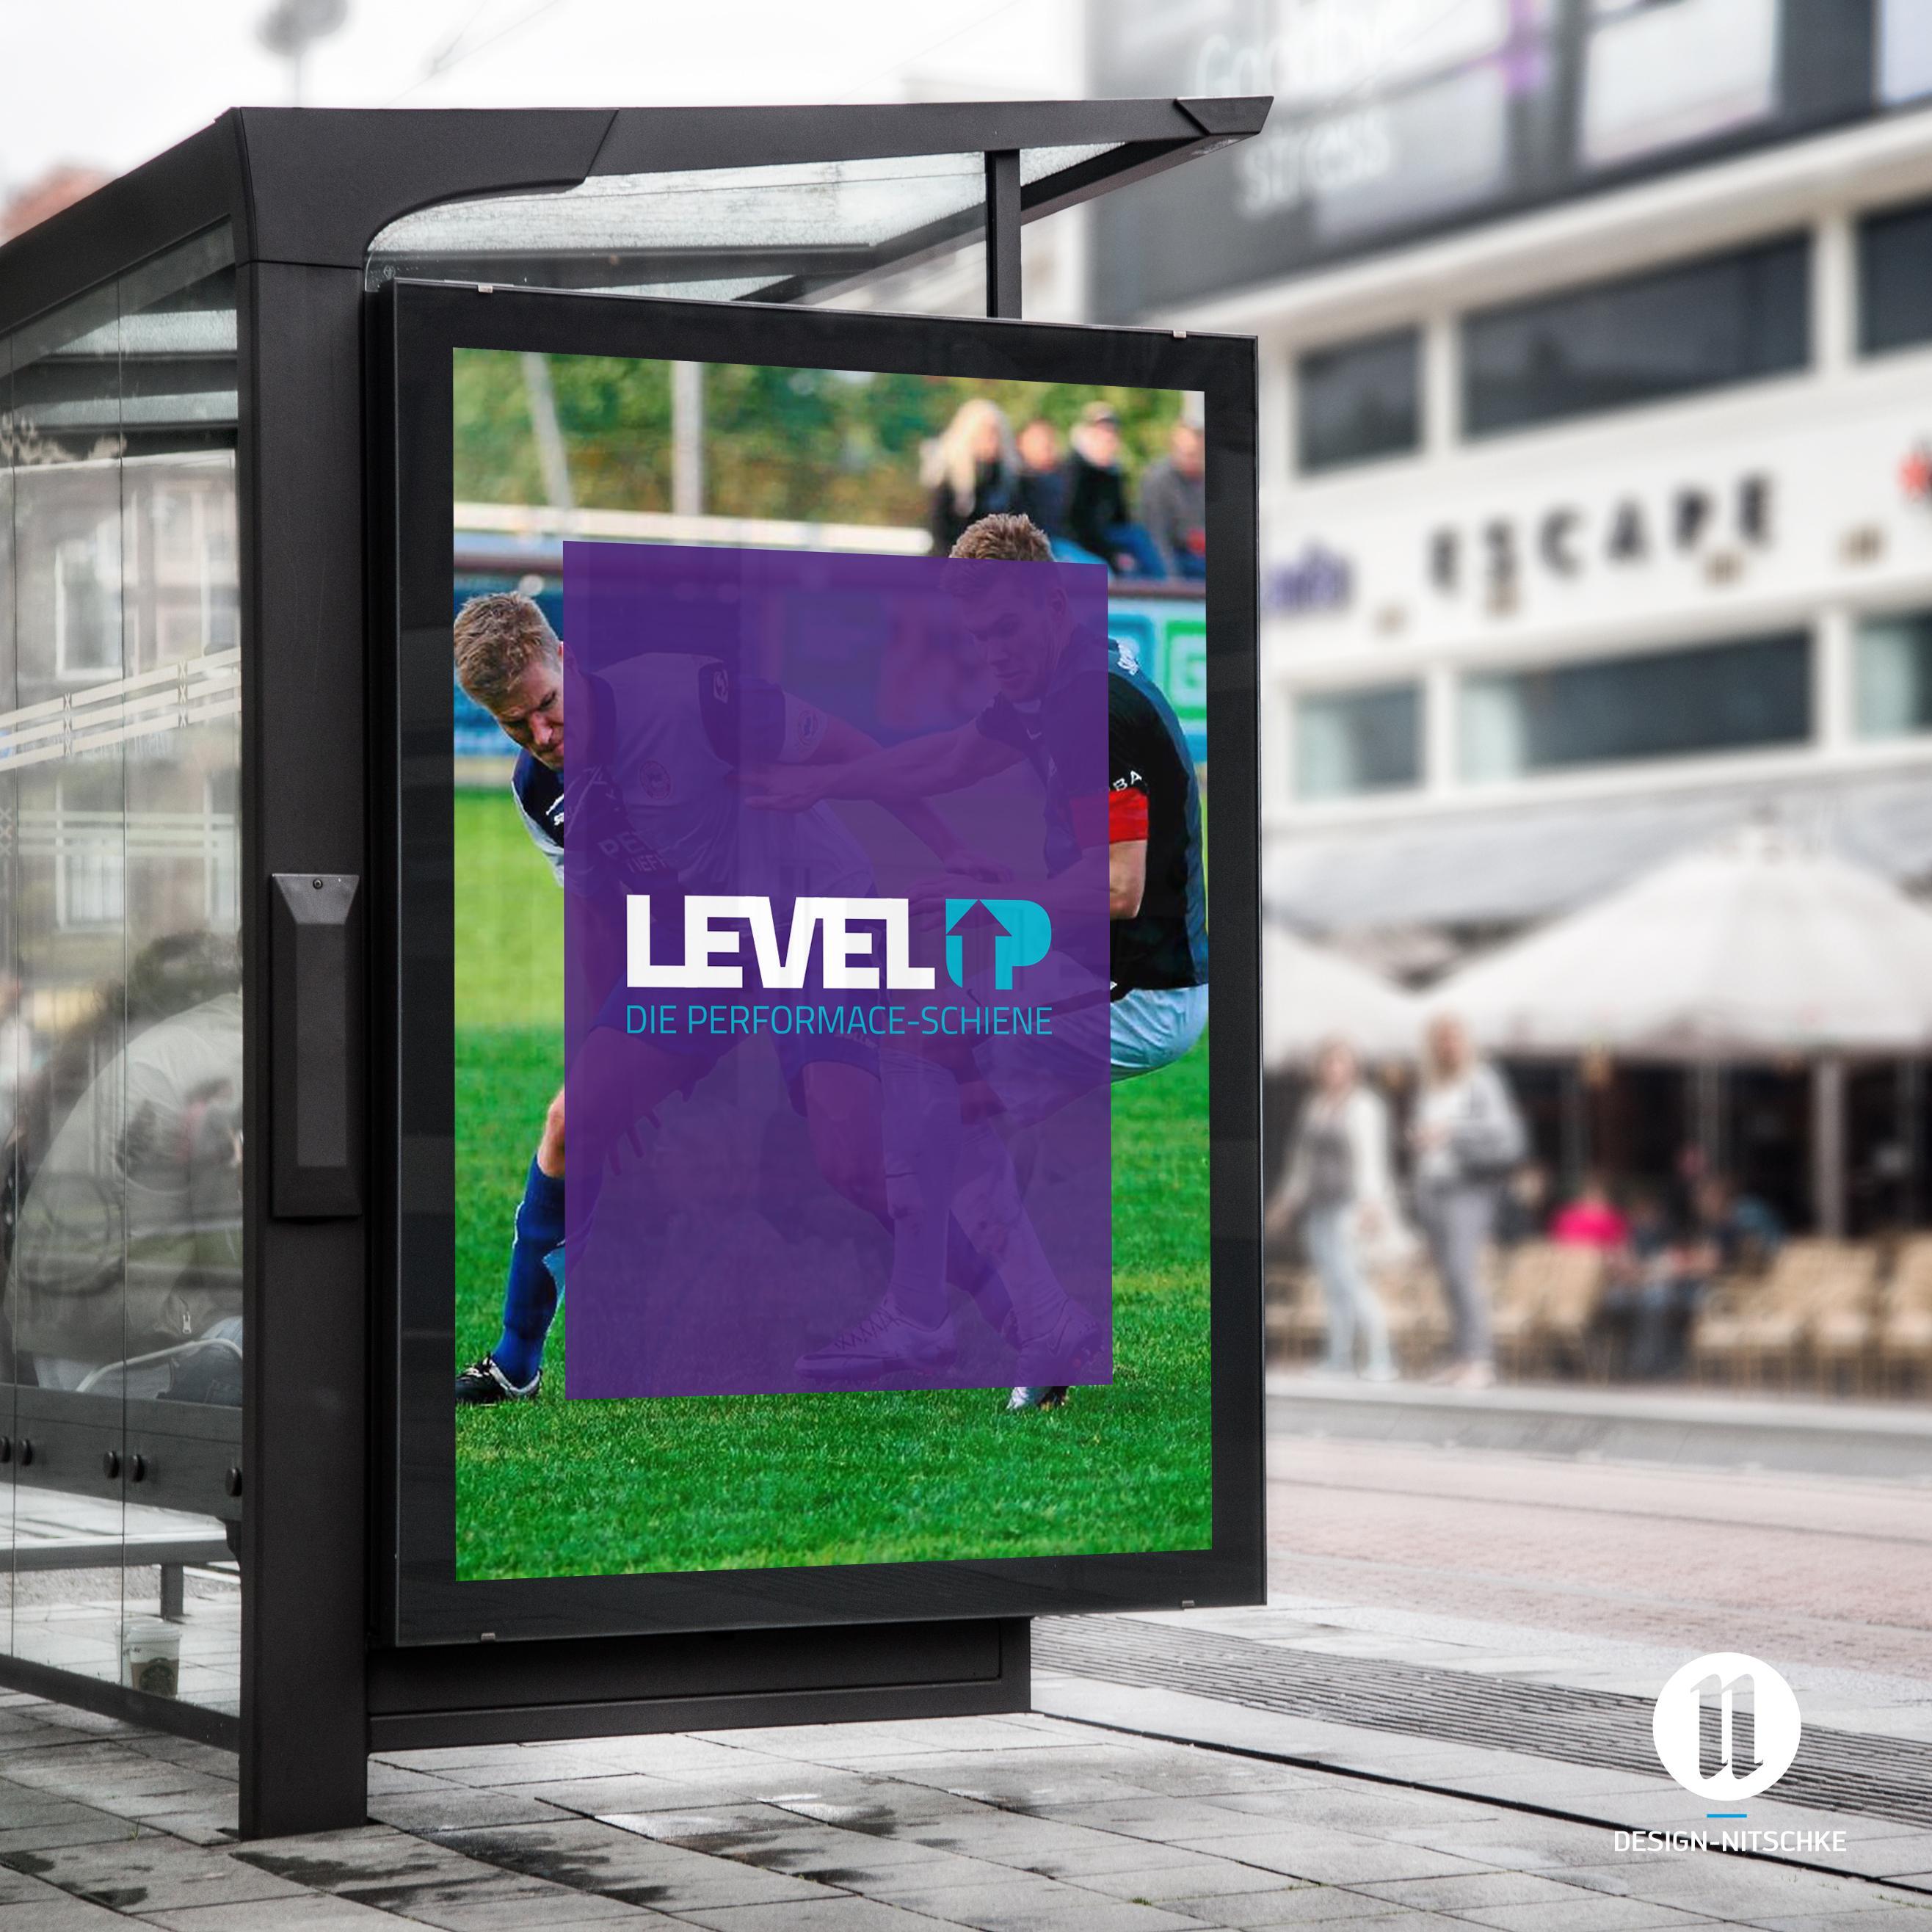 levelup_anzeige__billboard_logo_oranienburg_design_nitschke_werbeagentur.jpg